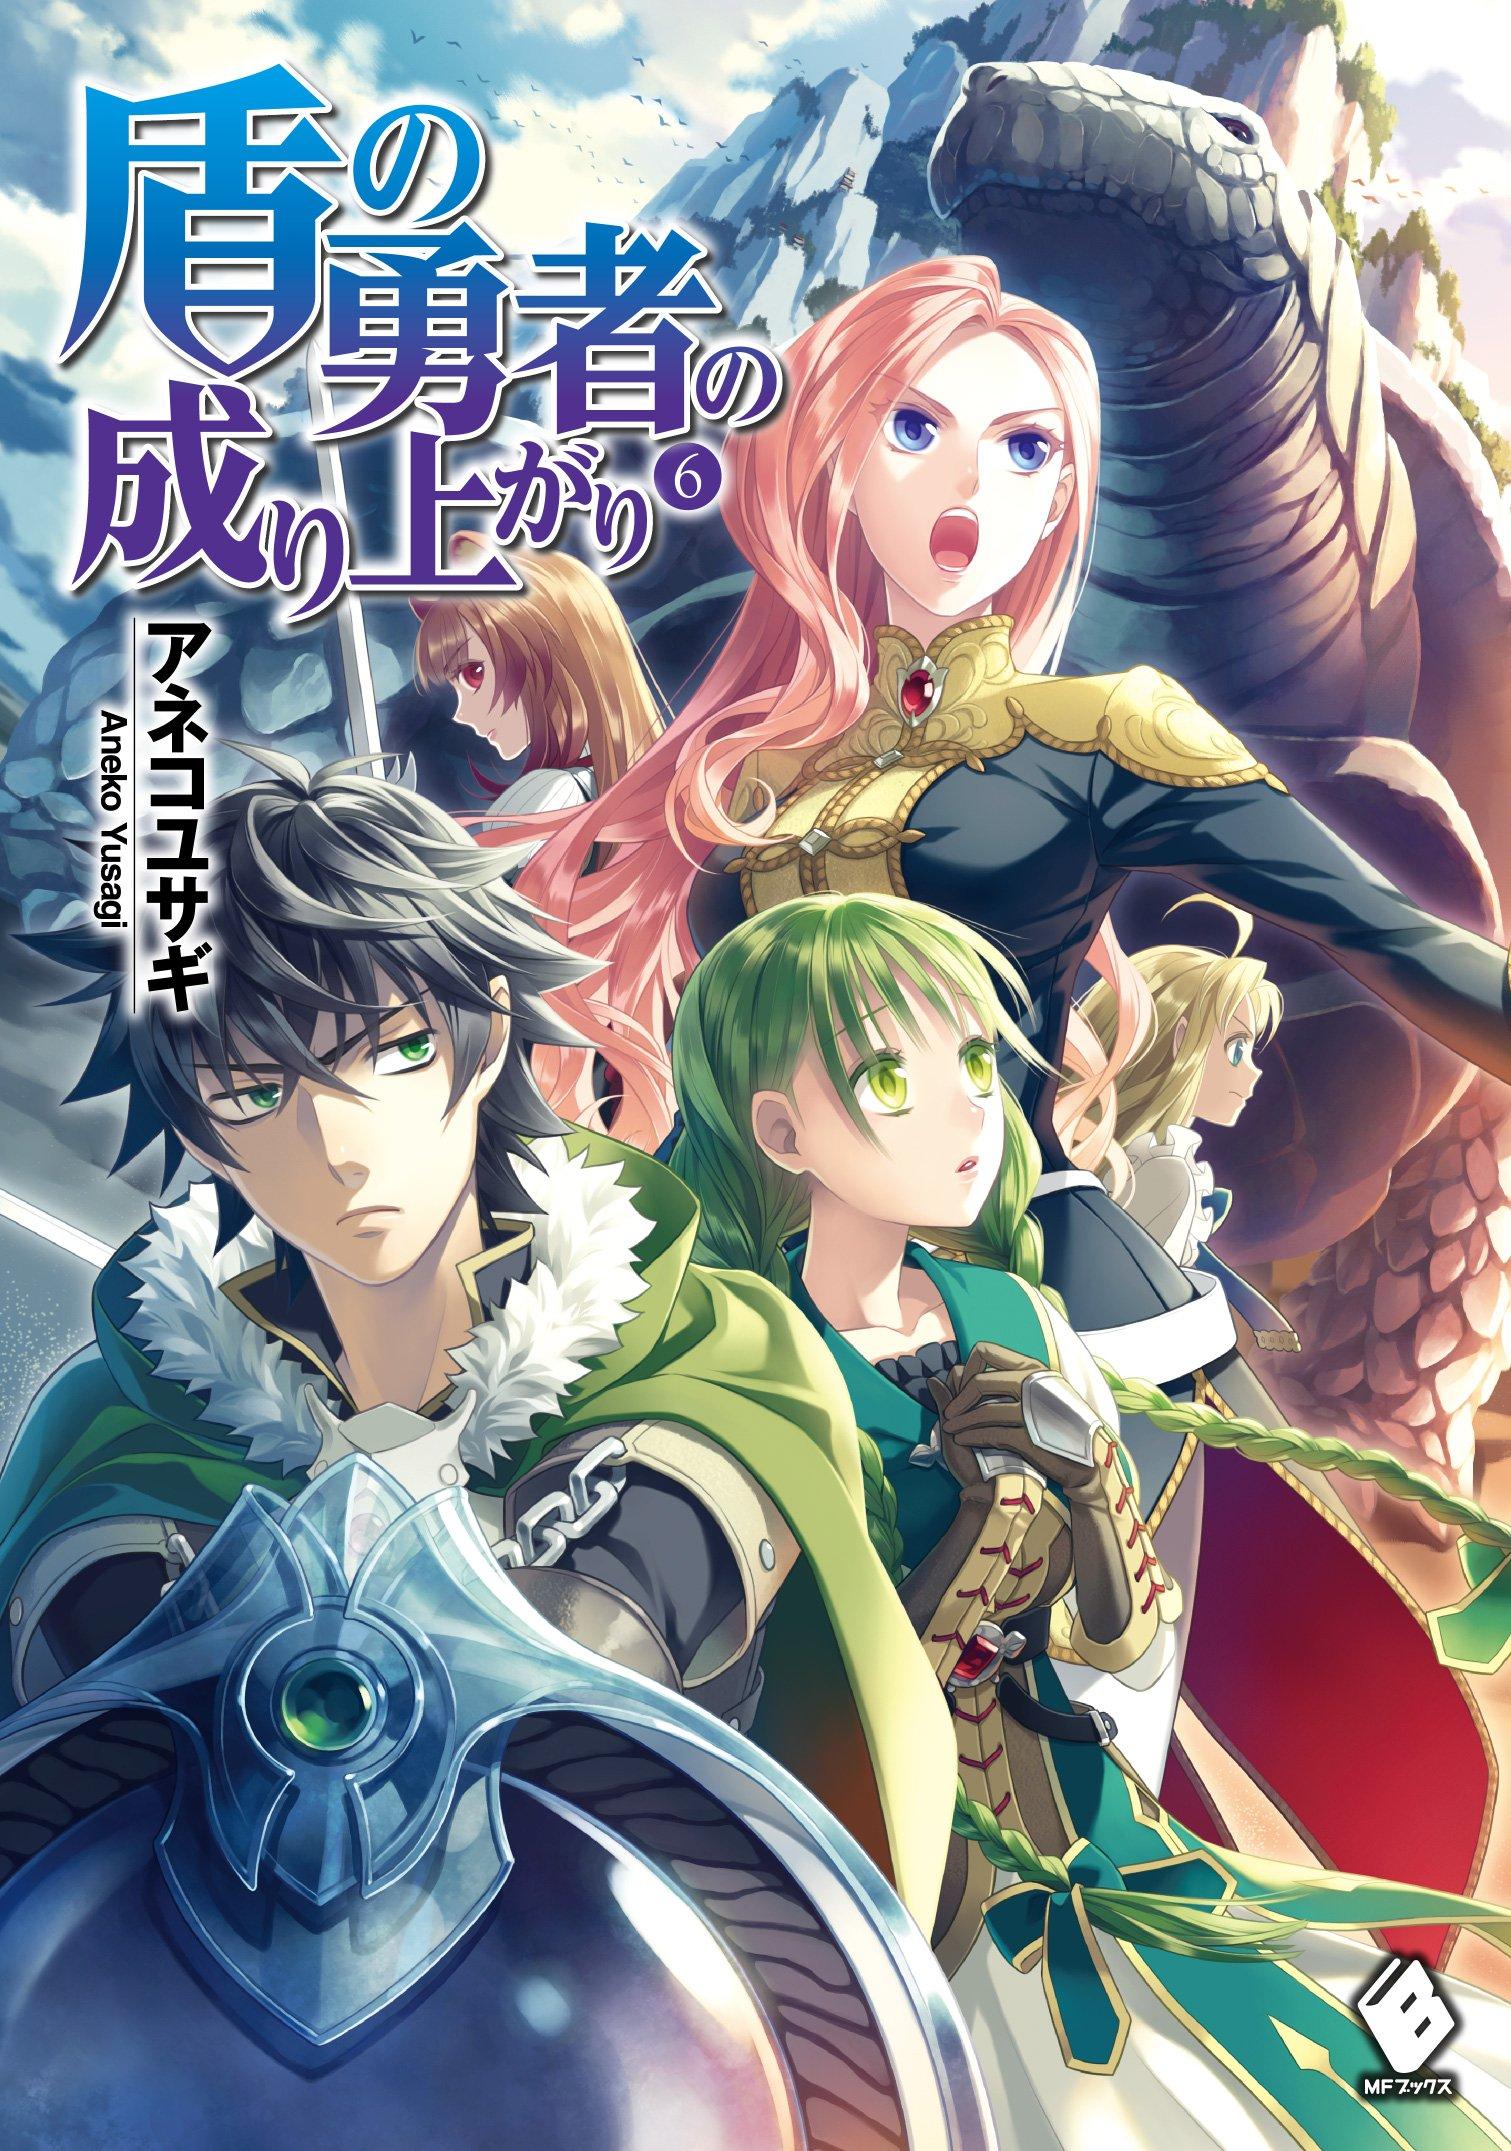 盾の勇者の成り上がり 小説 23巻